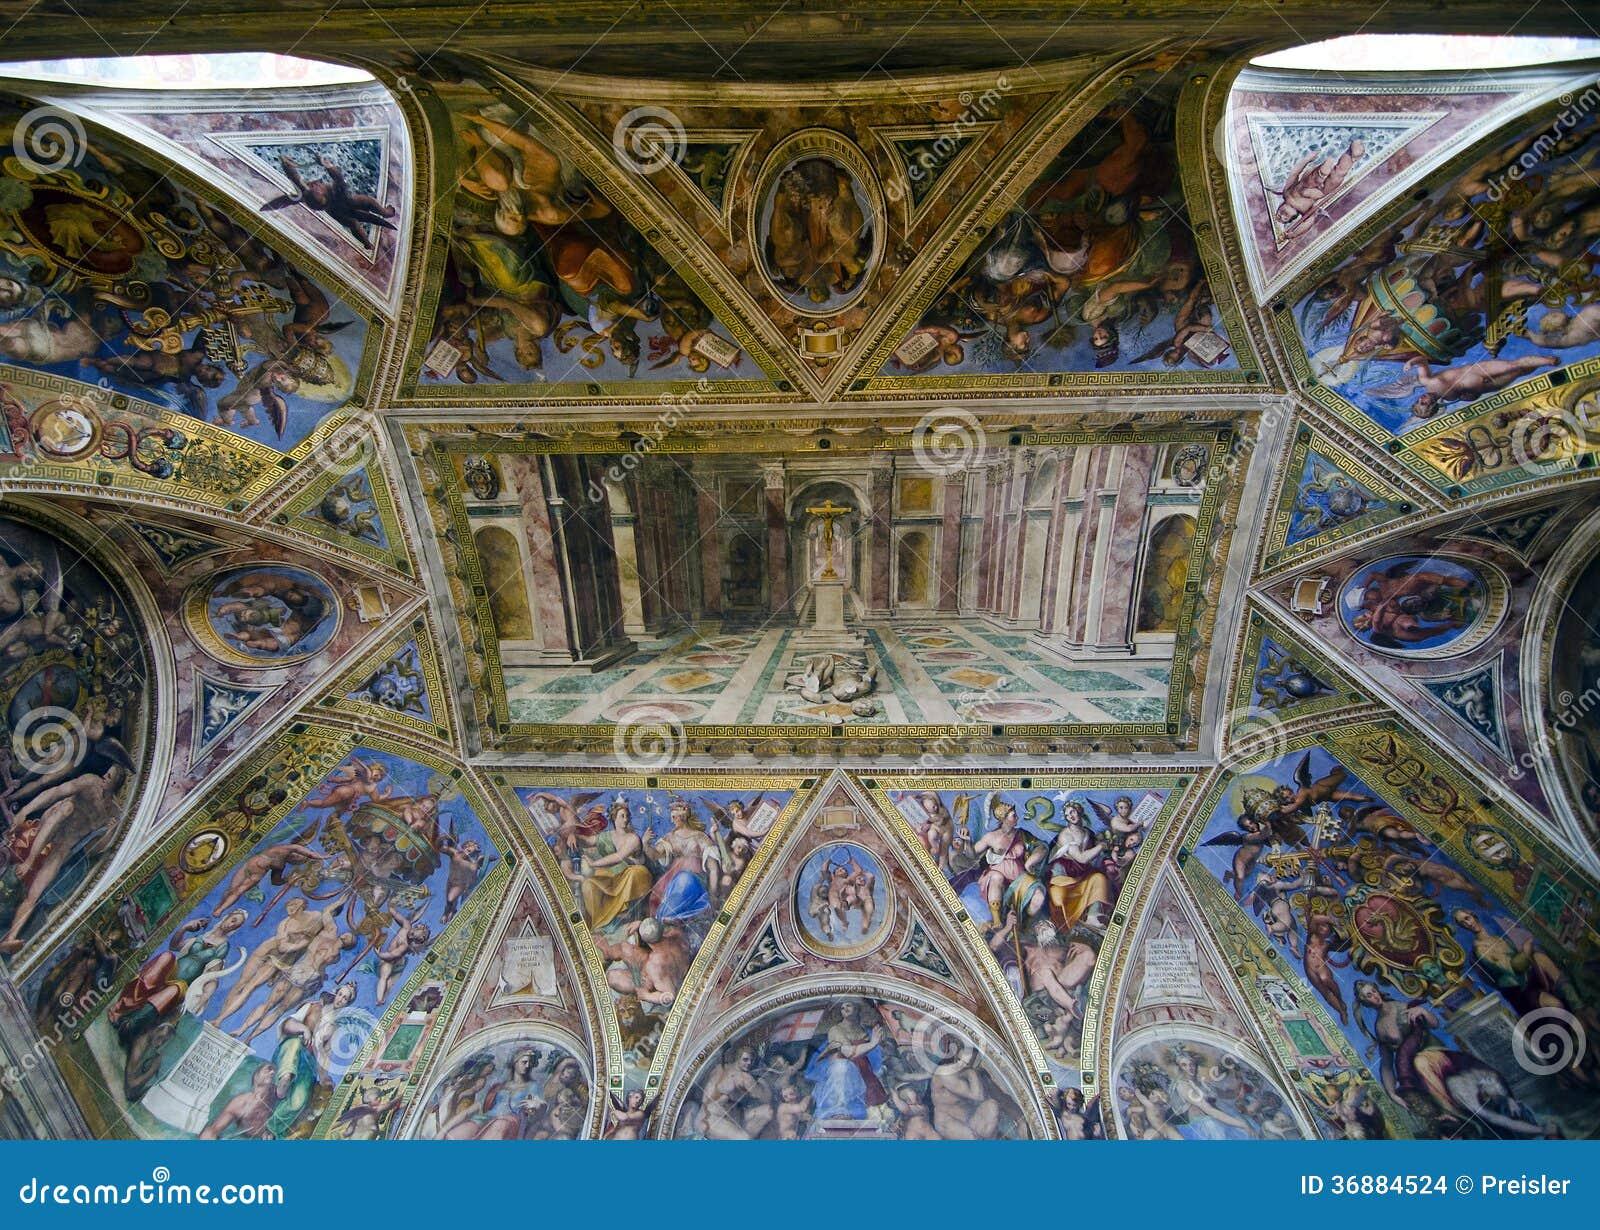 Download Raphael Rooms - Corridoio Di Costantina Immagine Stock Editoriale - Immagine di italiano, italia: 36884524